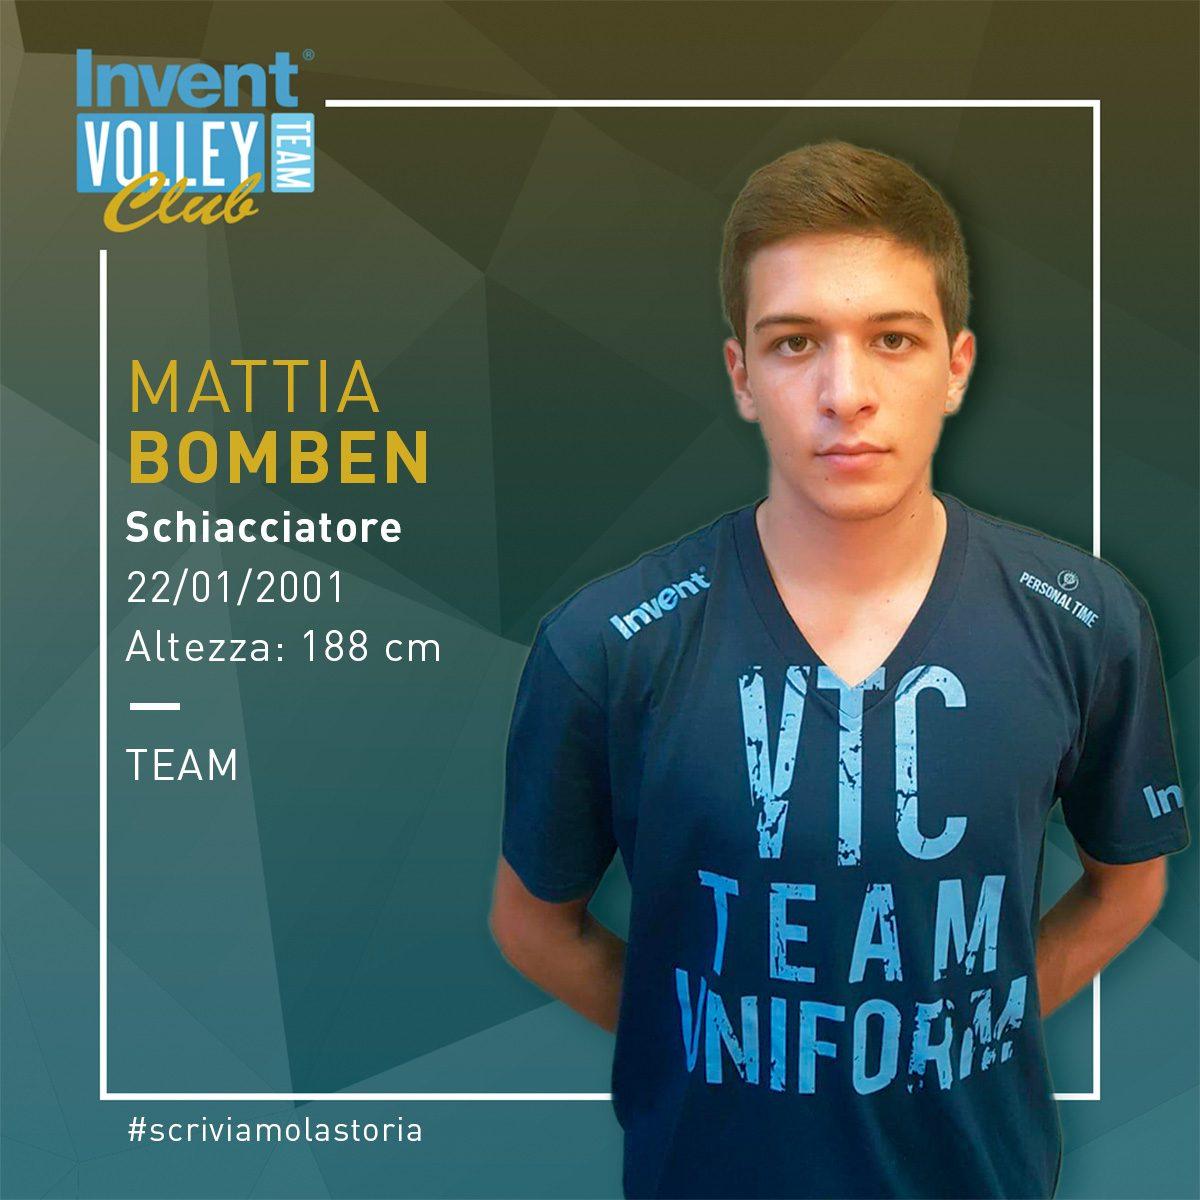 Buon compleanno al nostro giovane schiacciatore Mattia Bomben da tutta la famiglia VTC!